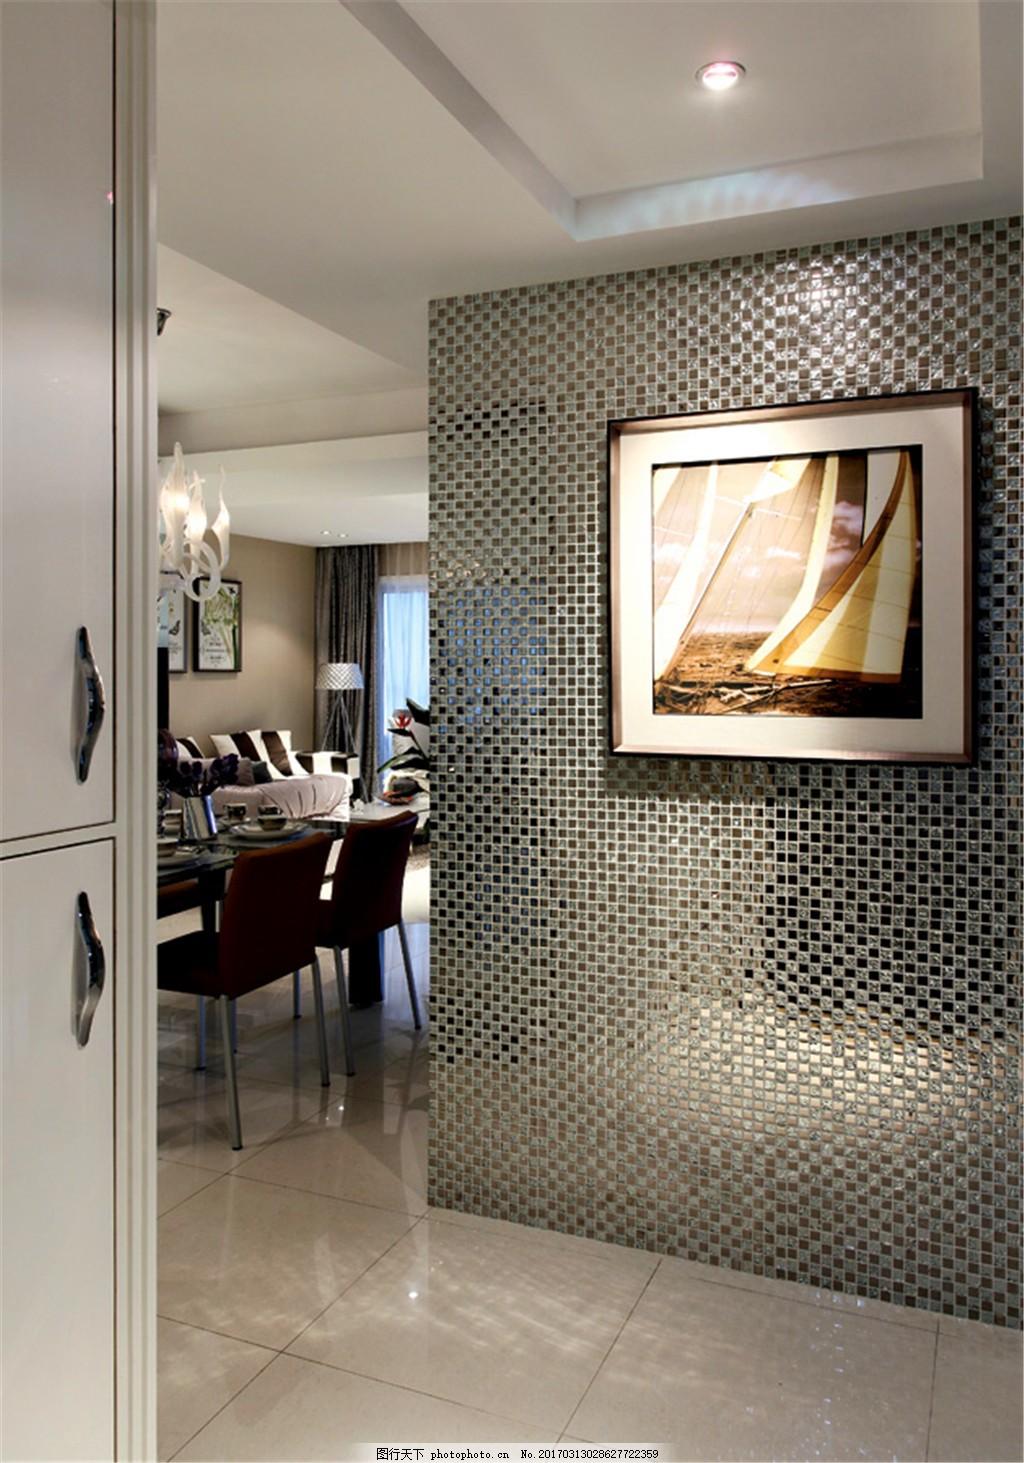 客厅餐厅装修效果图 吊灯 桌子 凳子 沙发 枕头 蜡烛 挂画 酒杯 盘子